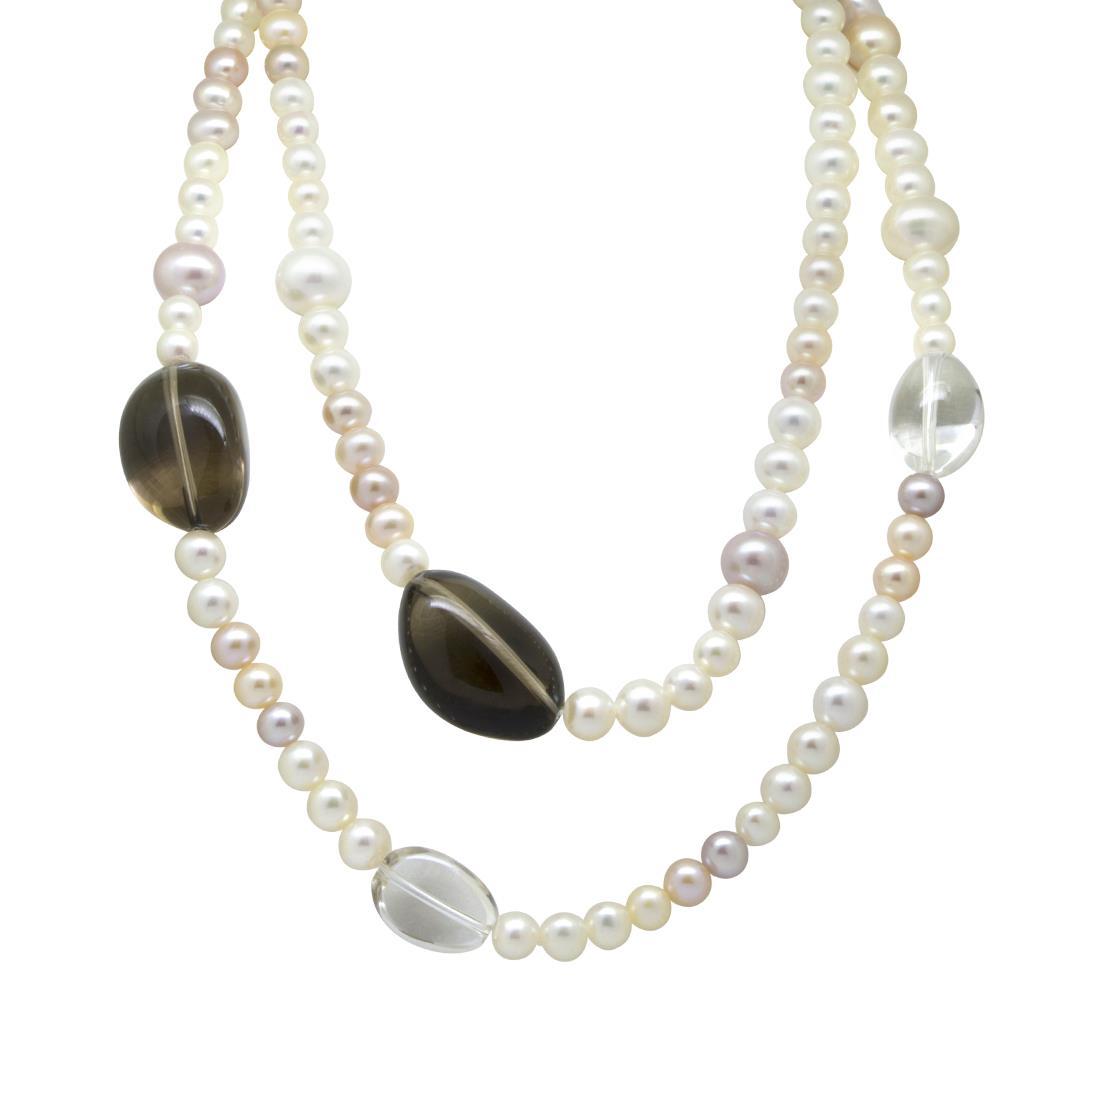 Collana in perle, cristalli di rocca e quarzo fumè - ROBERTO DEMEGLIO